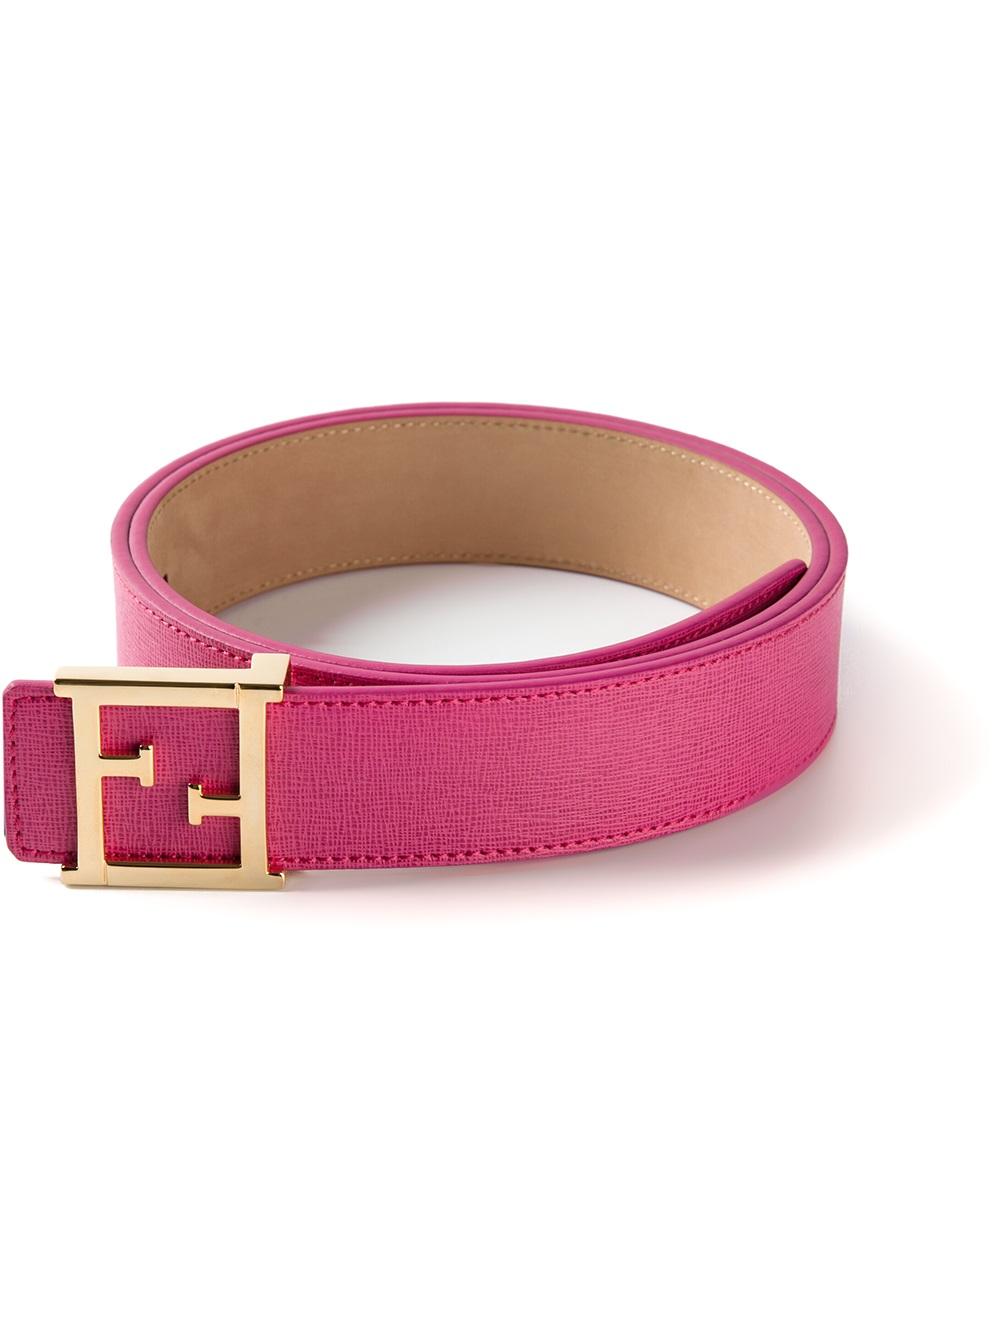 logo buckle belt - Pink & Purple Fendi y1Zh25mv